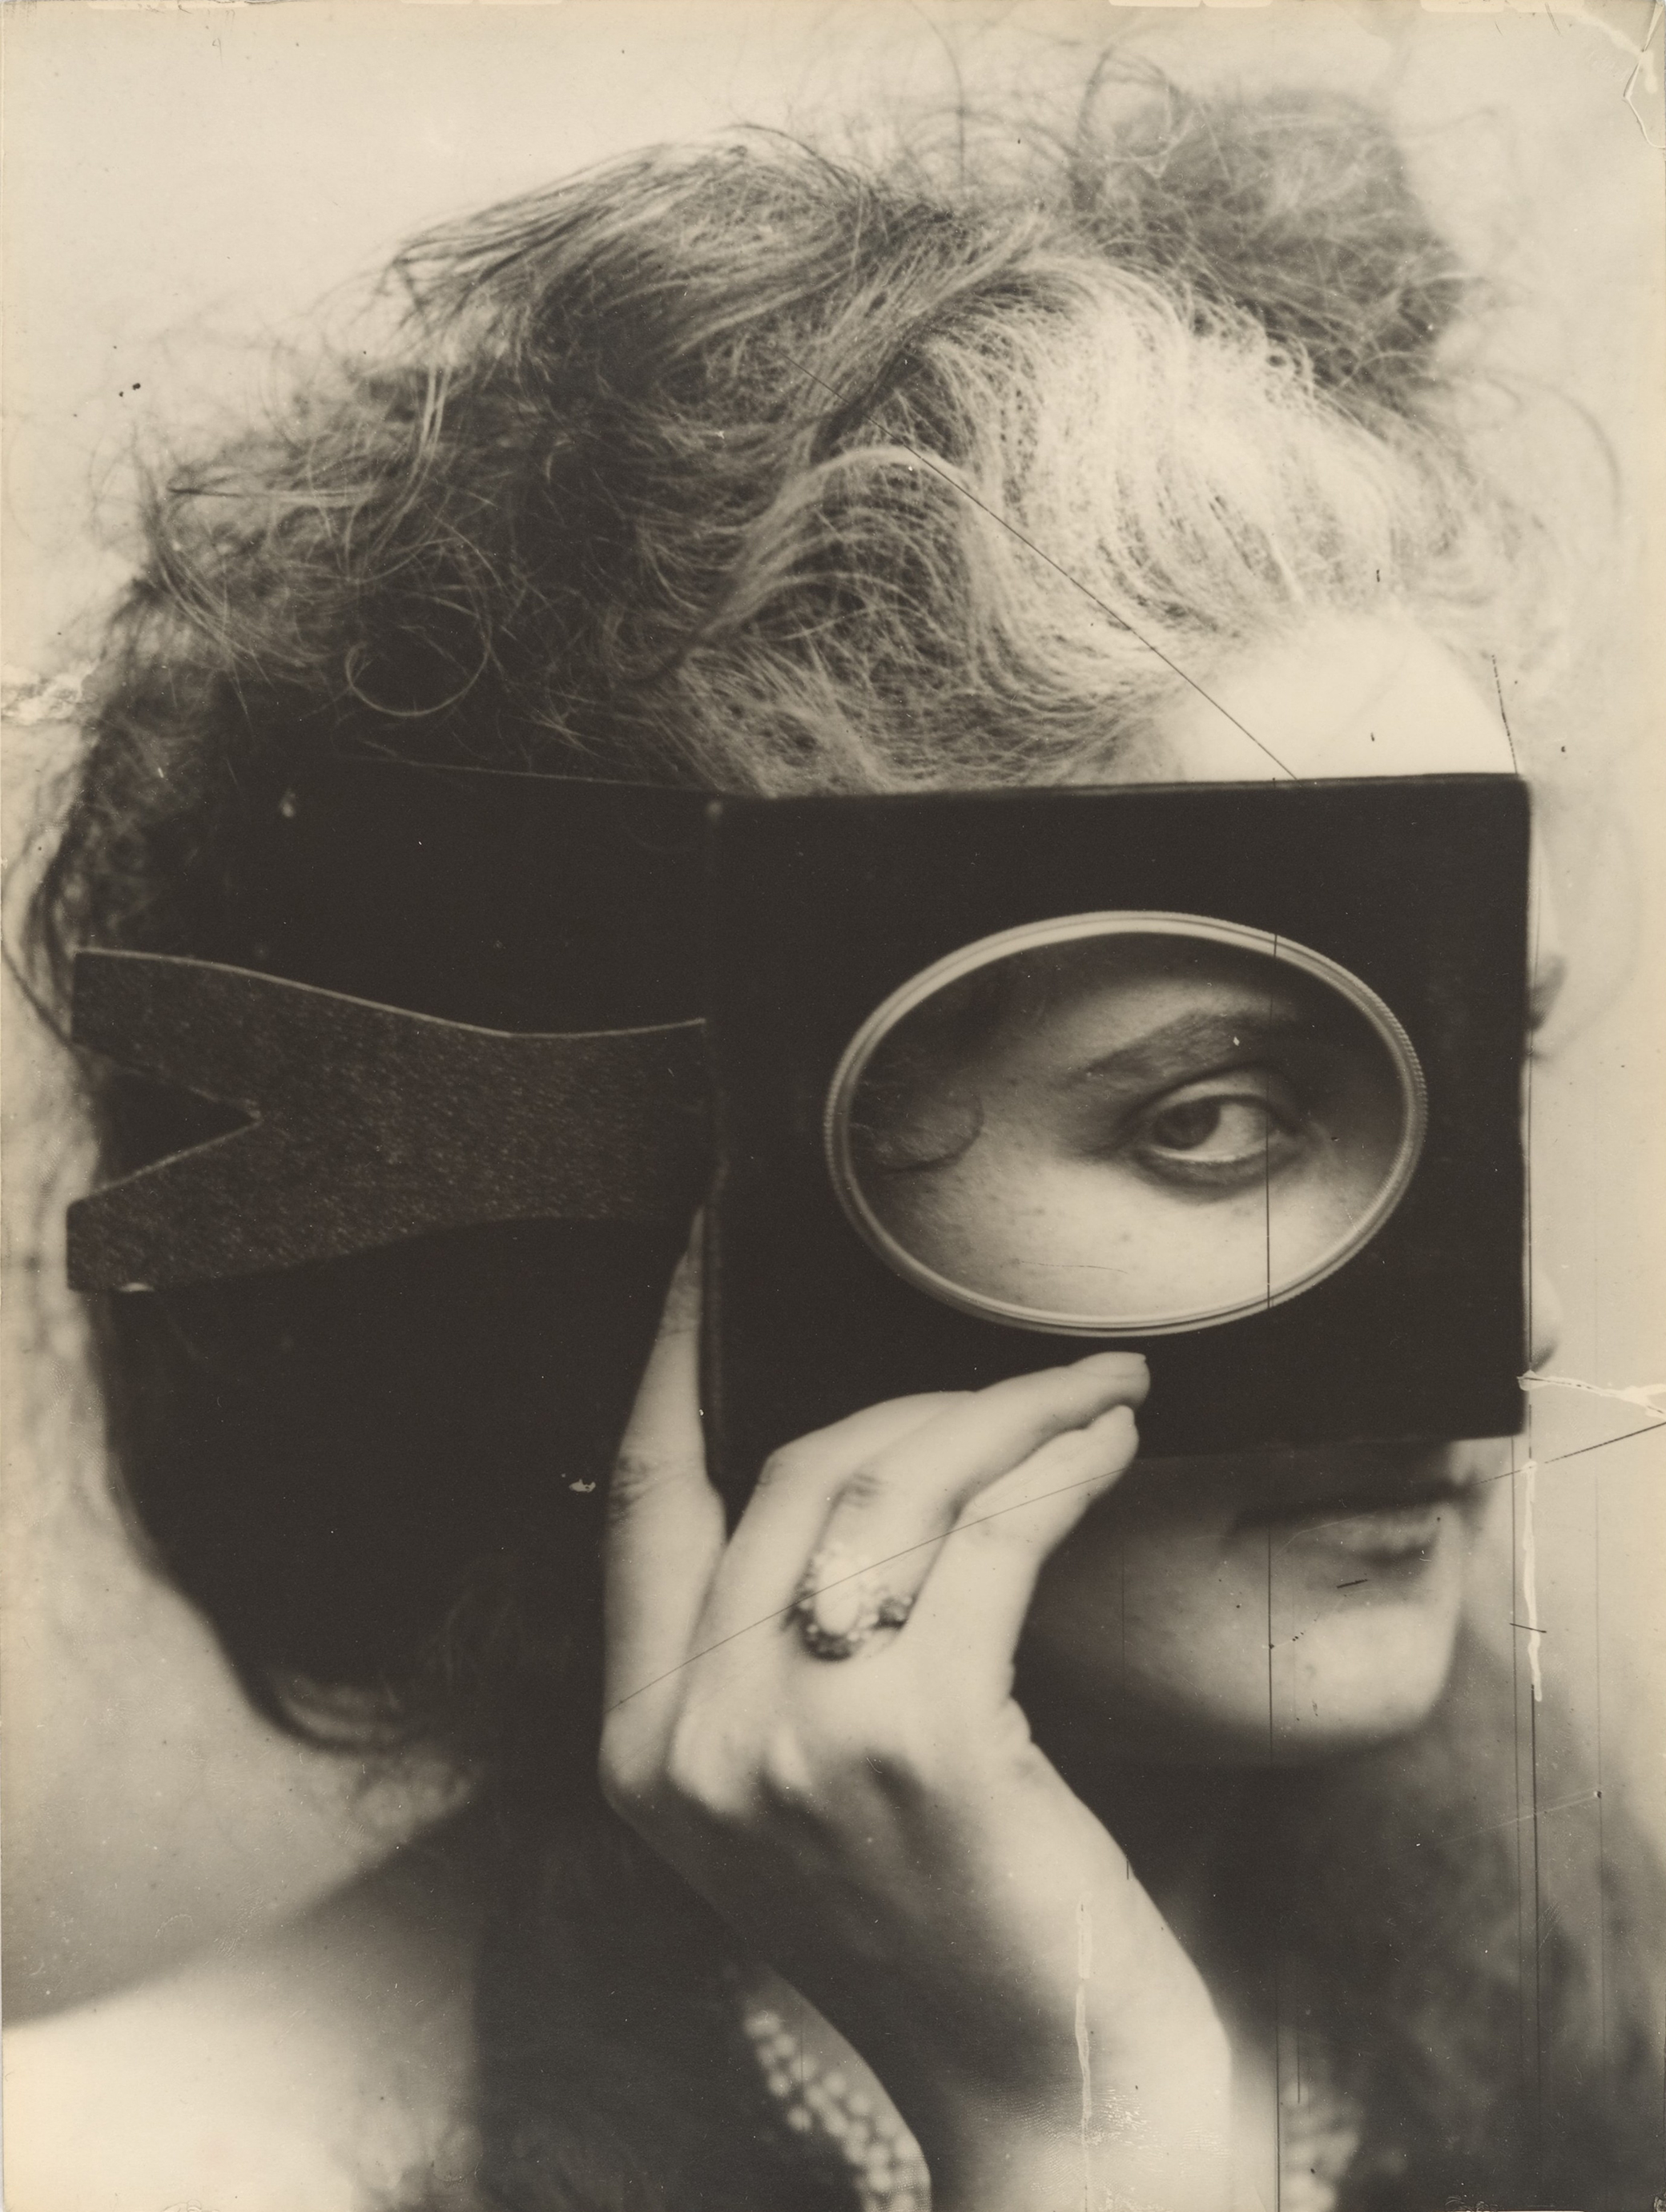 Scherzo di Follia, photograph of Countess Virginia Oldoini Verasis di Castiglione by Pierre-Louis Pierson, printed c. 1930. The Metropolitan Museum of Art.